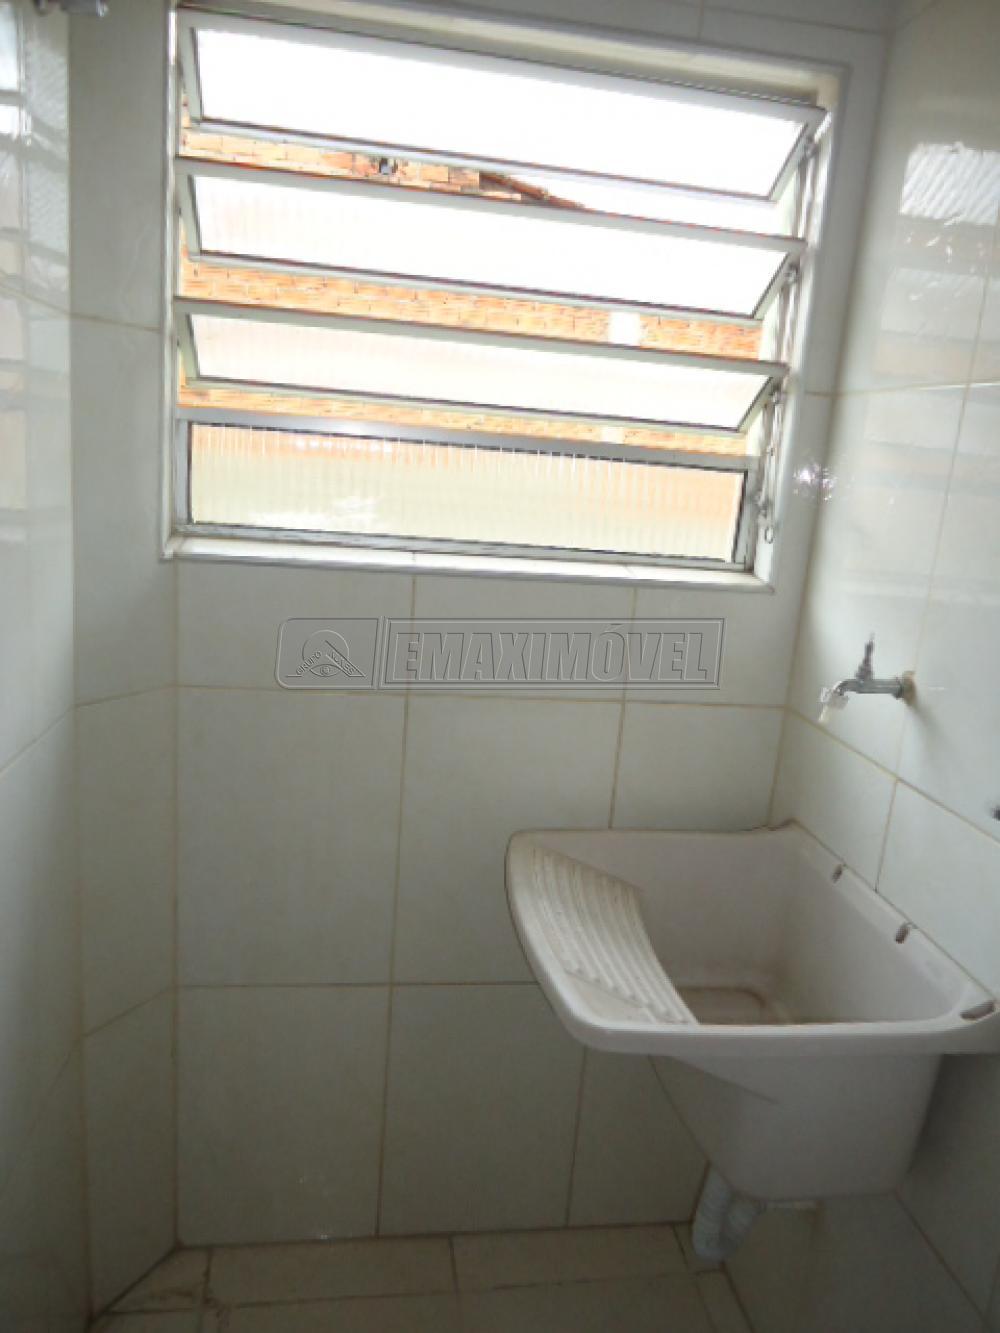 Alugar Apartamentos / Apto Padrão em Sorocaba apenas R$ 1.000,00 - Foto 17